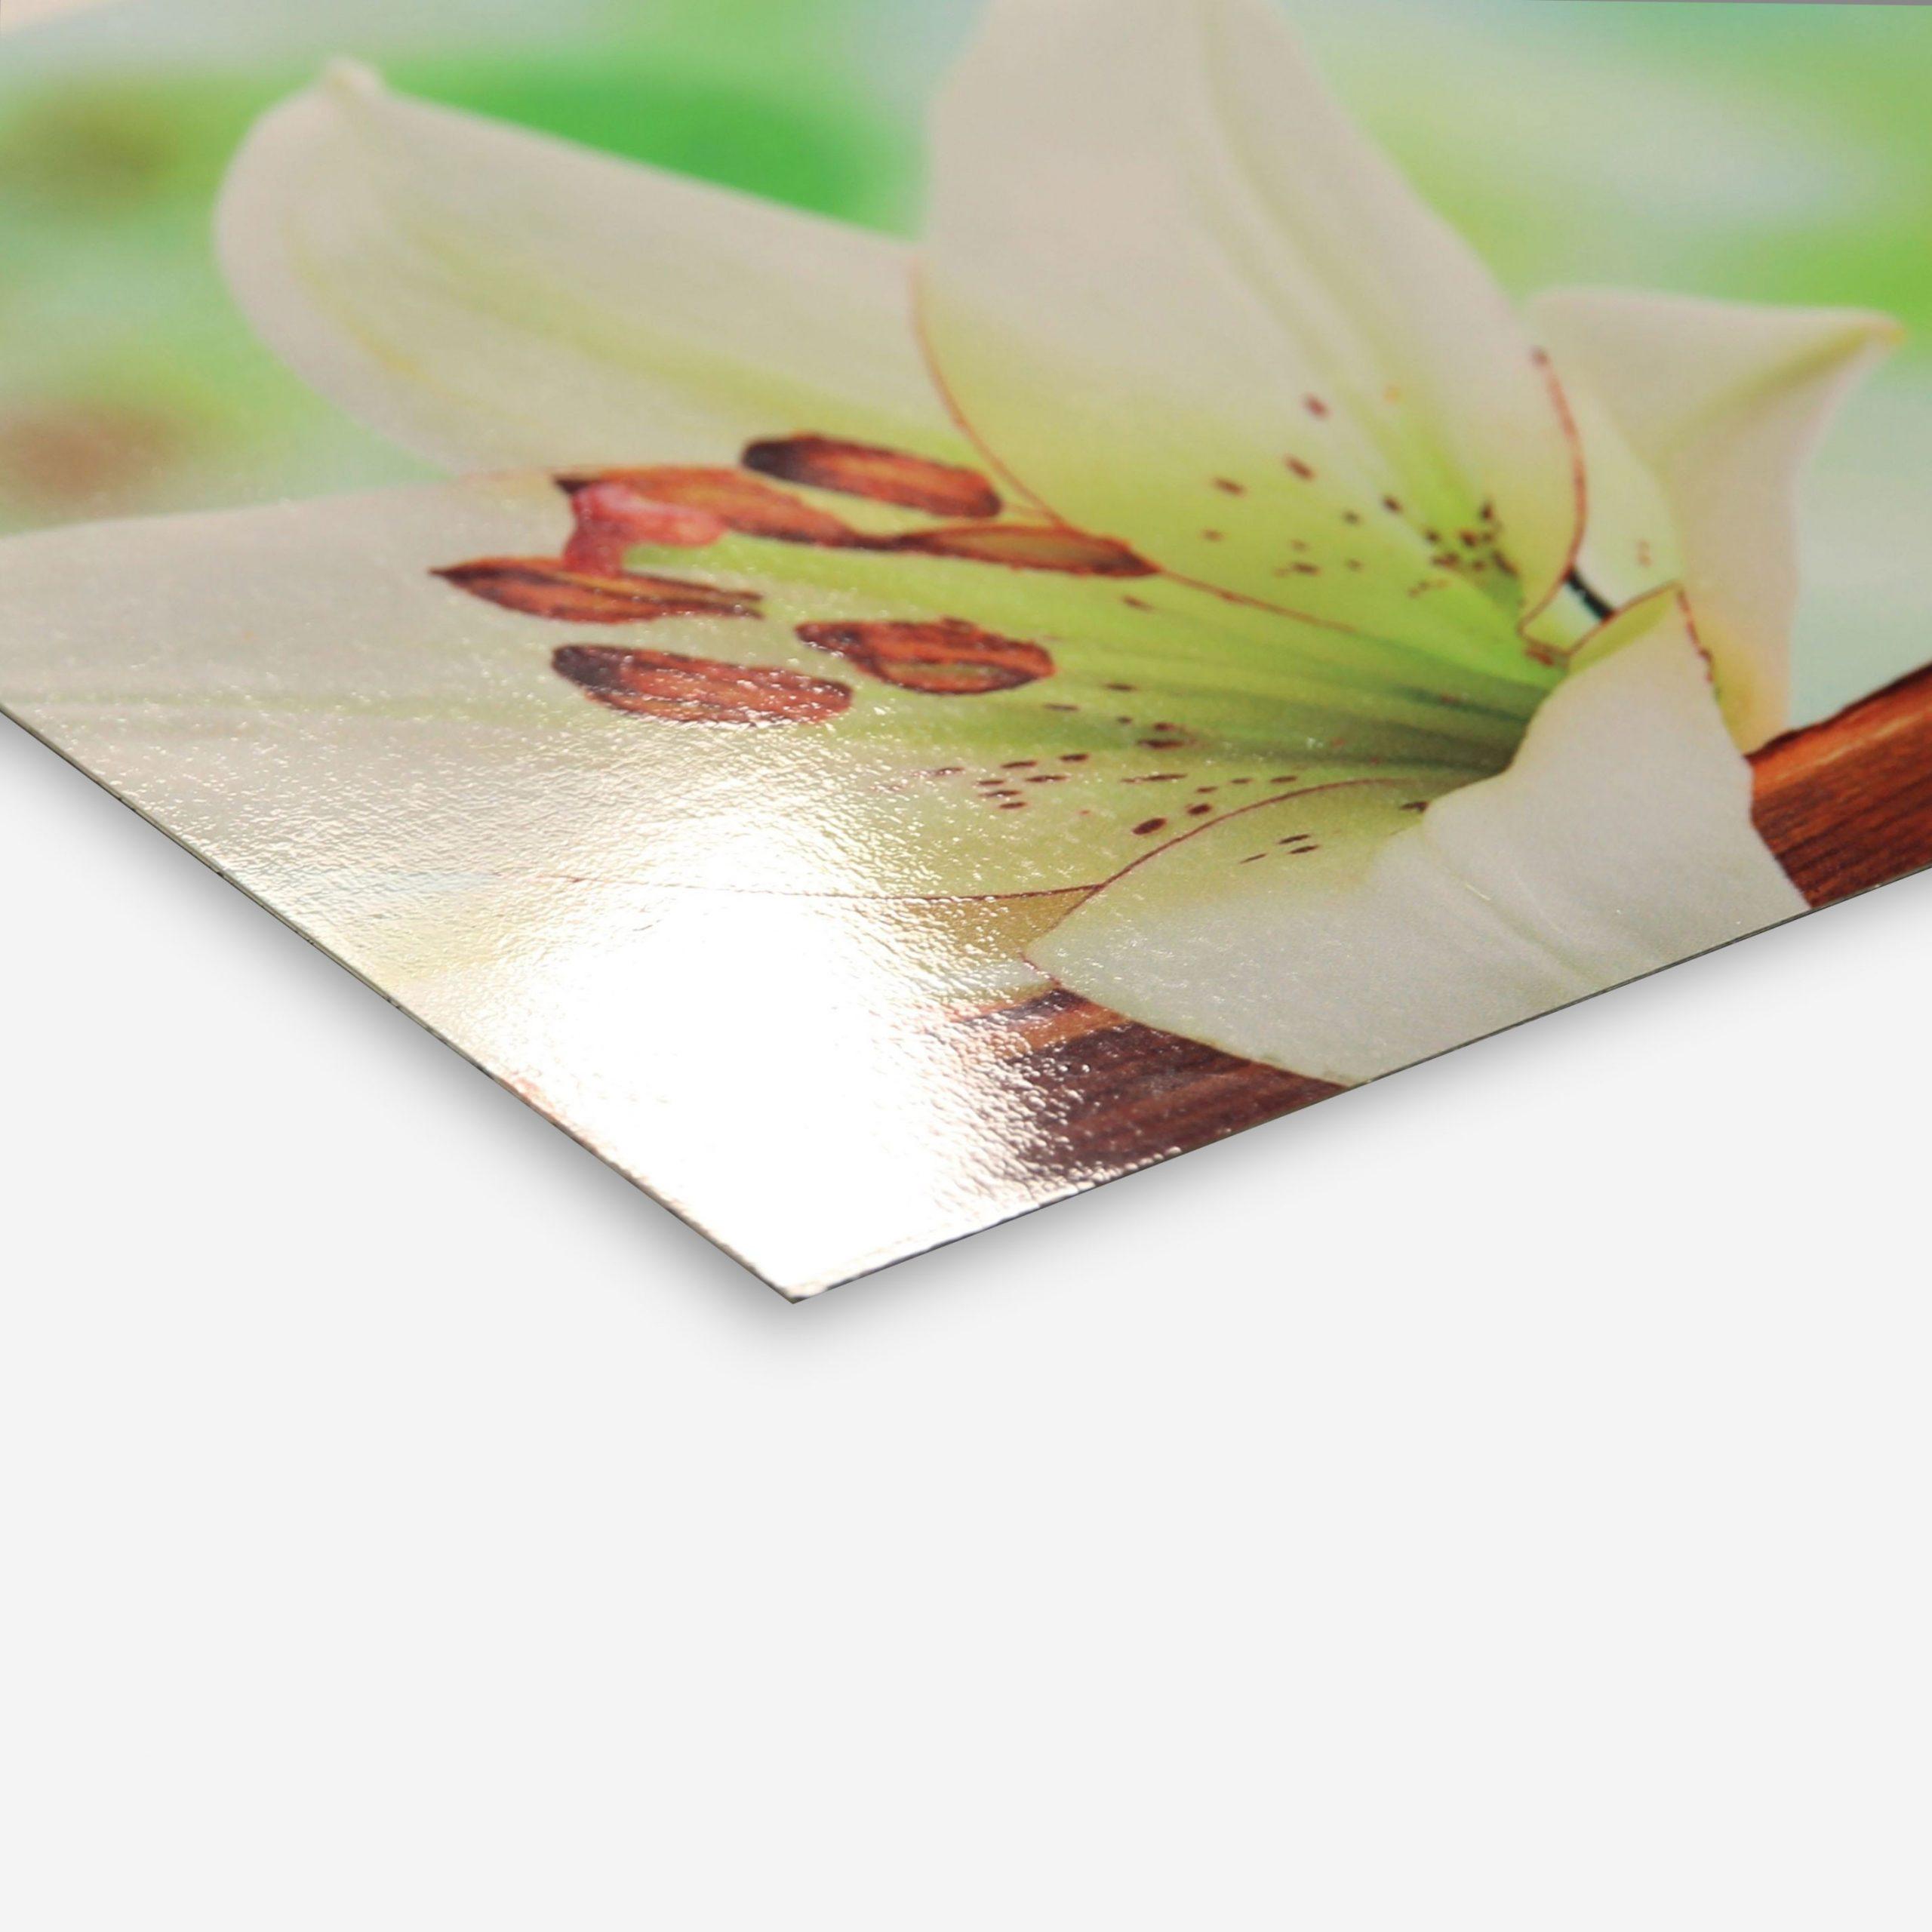 Full Size of Abwaschbare Tapete Kchenrckwand Mit Individuell Gestalten Küche Modern Tapeten Für Die Wohnzimmer Ideen Fototapete Schlafzimmer Fenster Fototapeten Wohnzimmer Abwaschbare Tapete